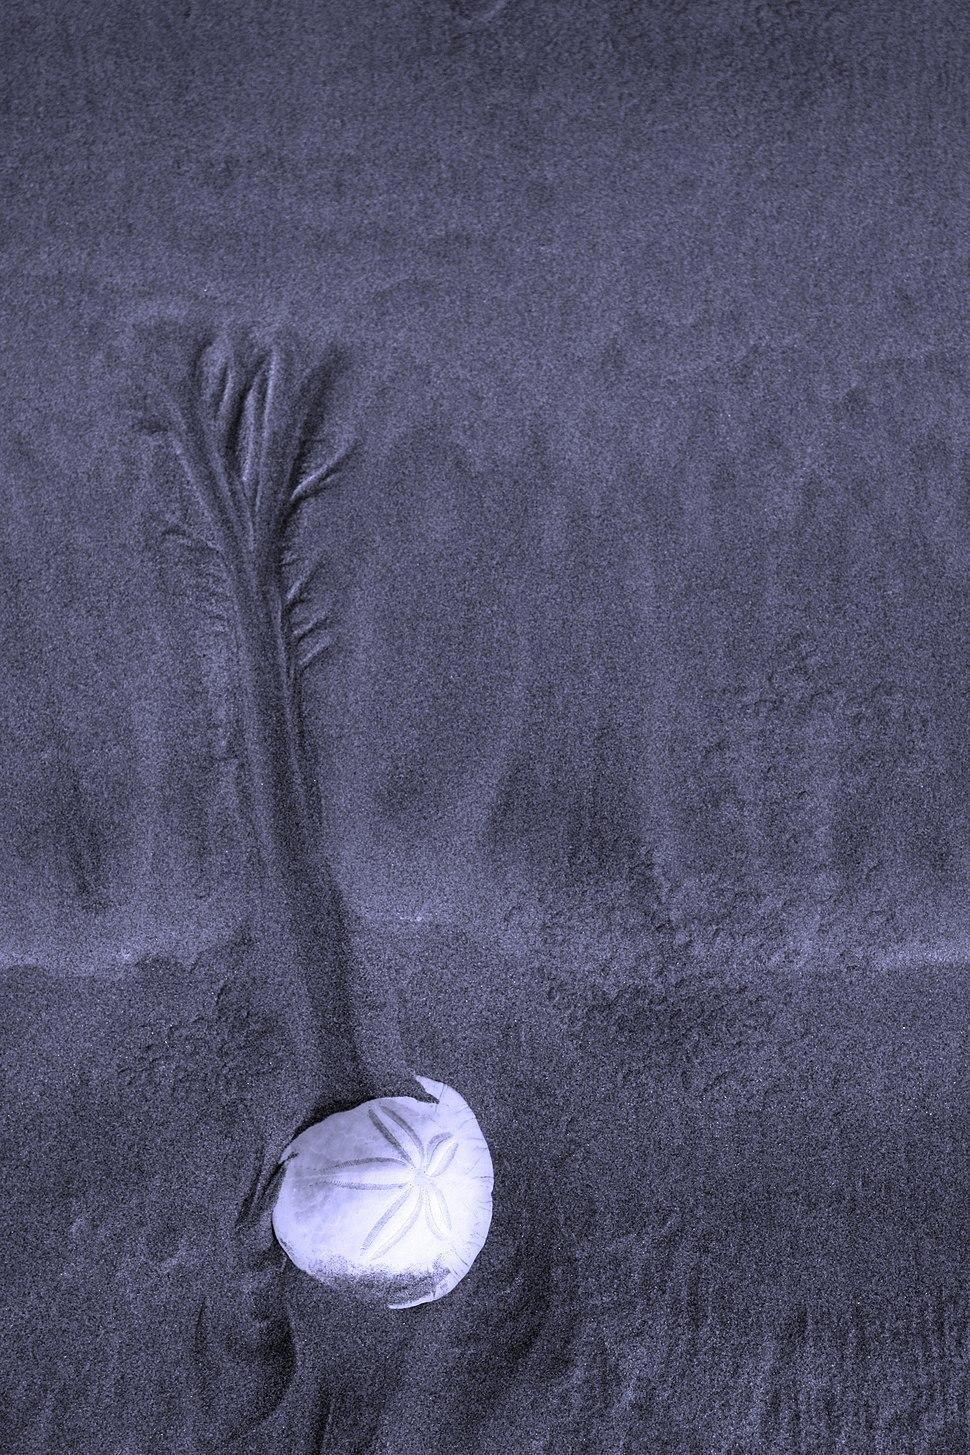 Sanddollaronbeachtofinokjfmartin